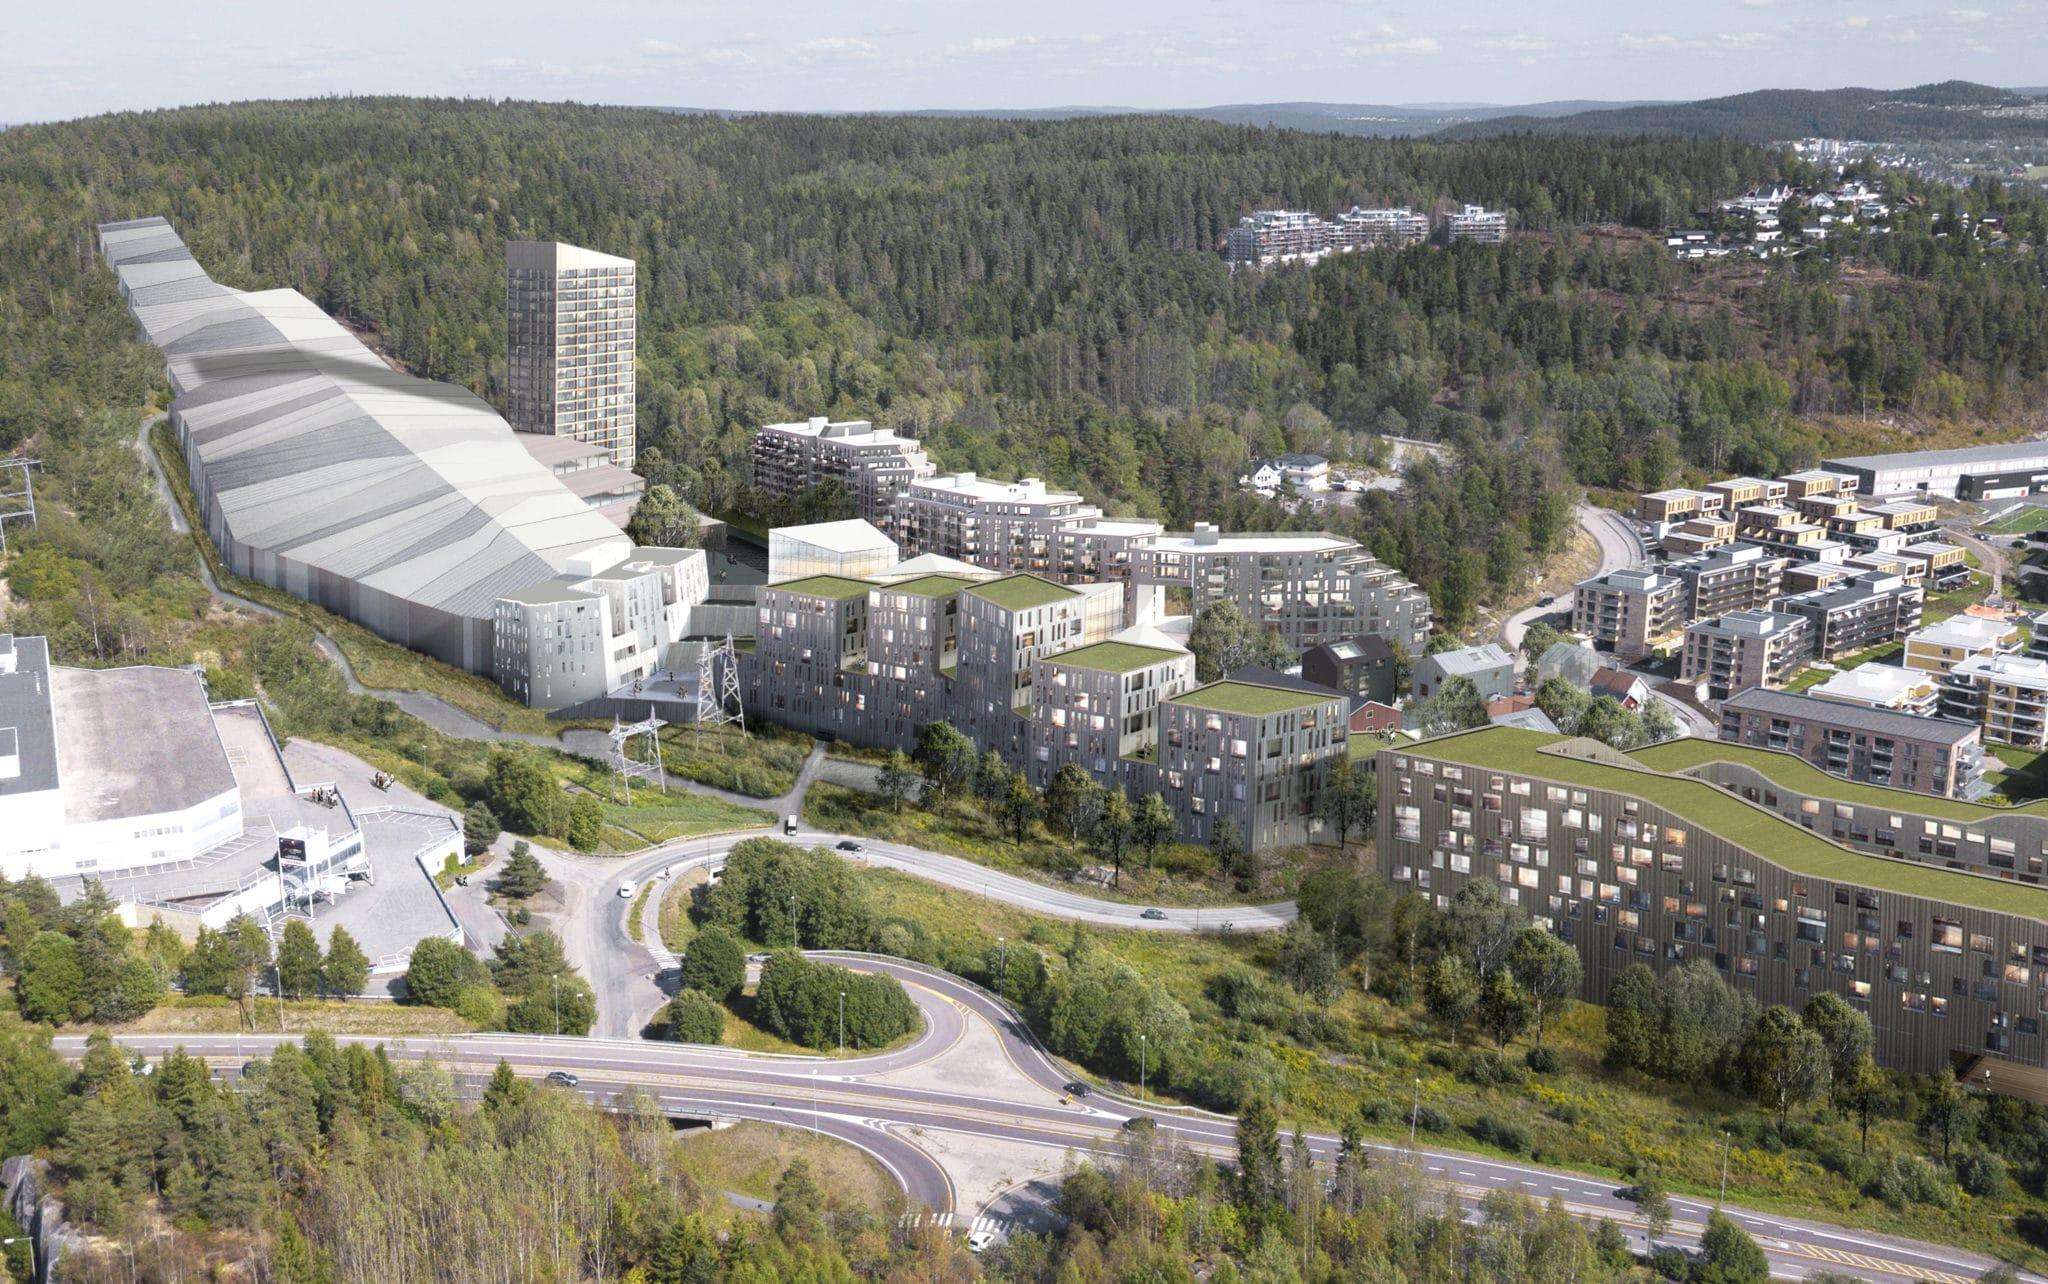 Oversikt bolig, skihall og hotell